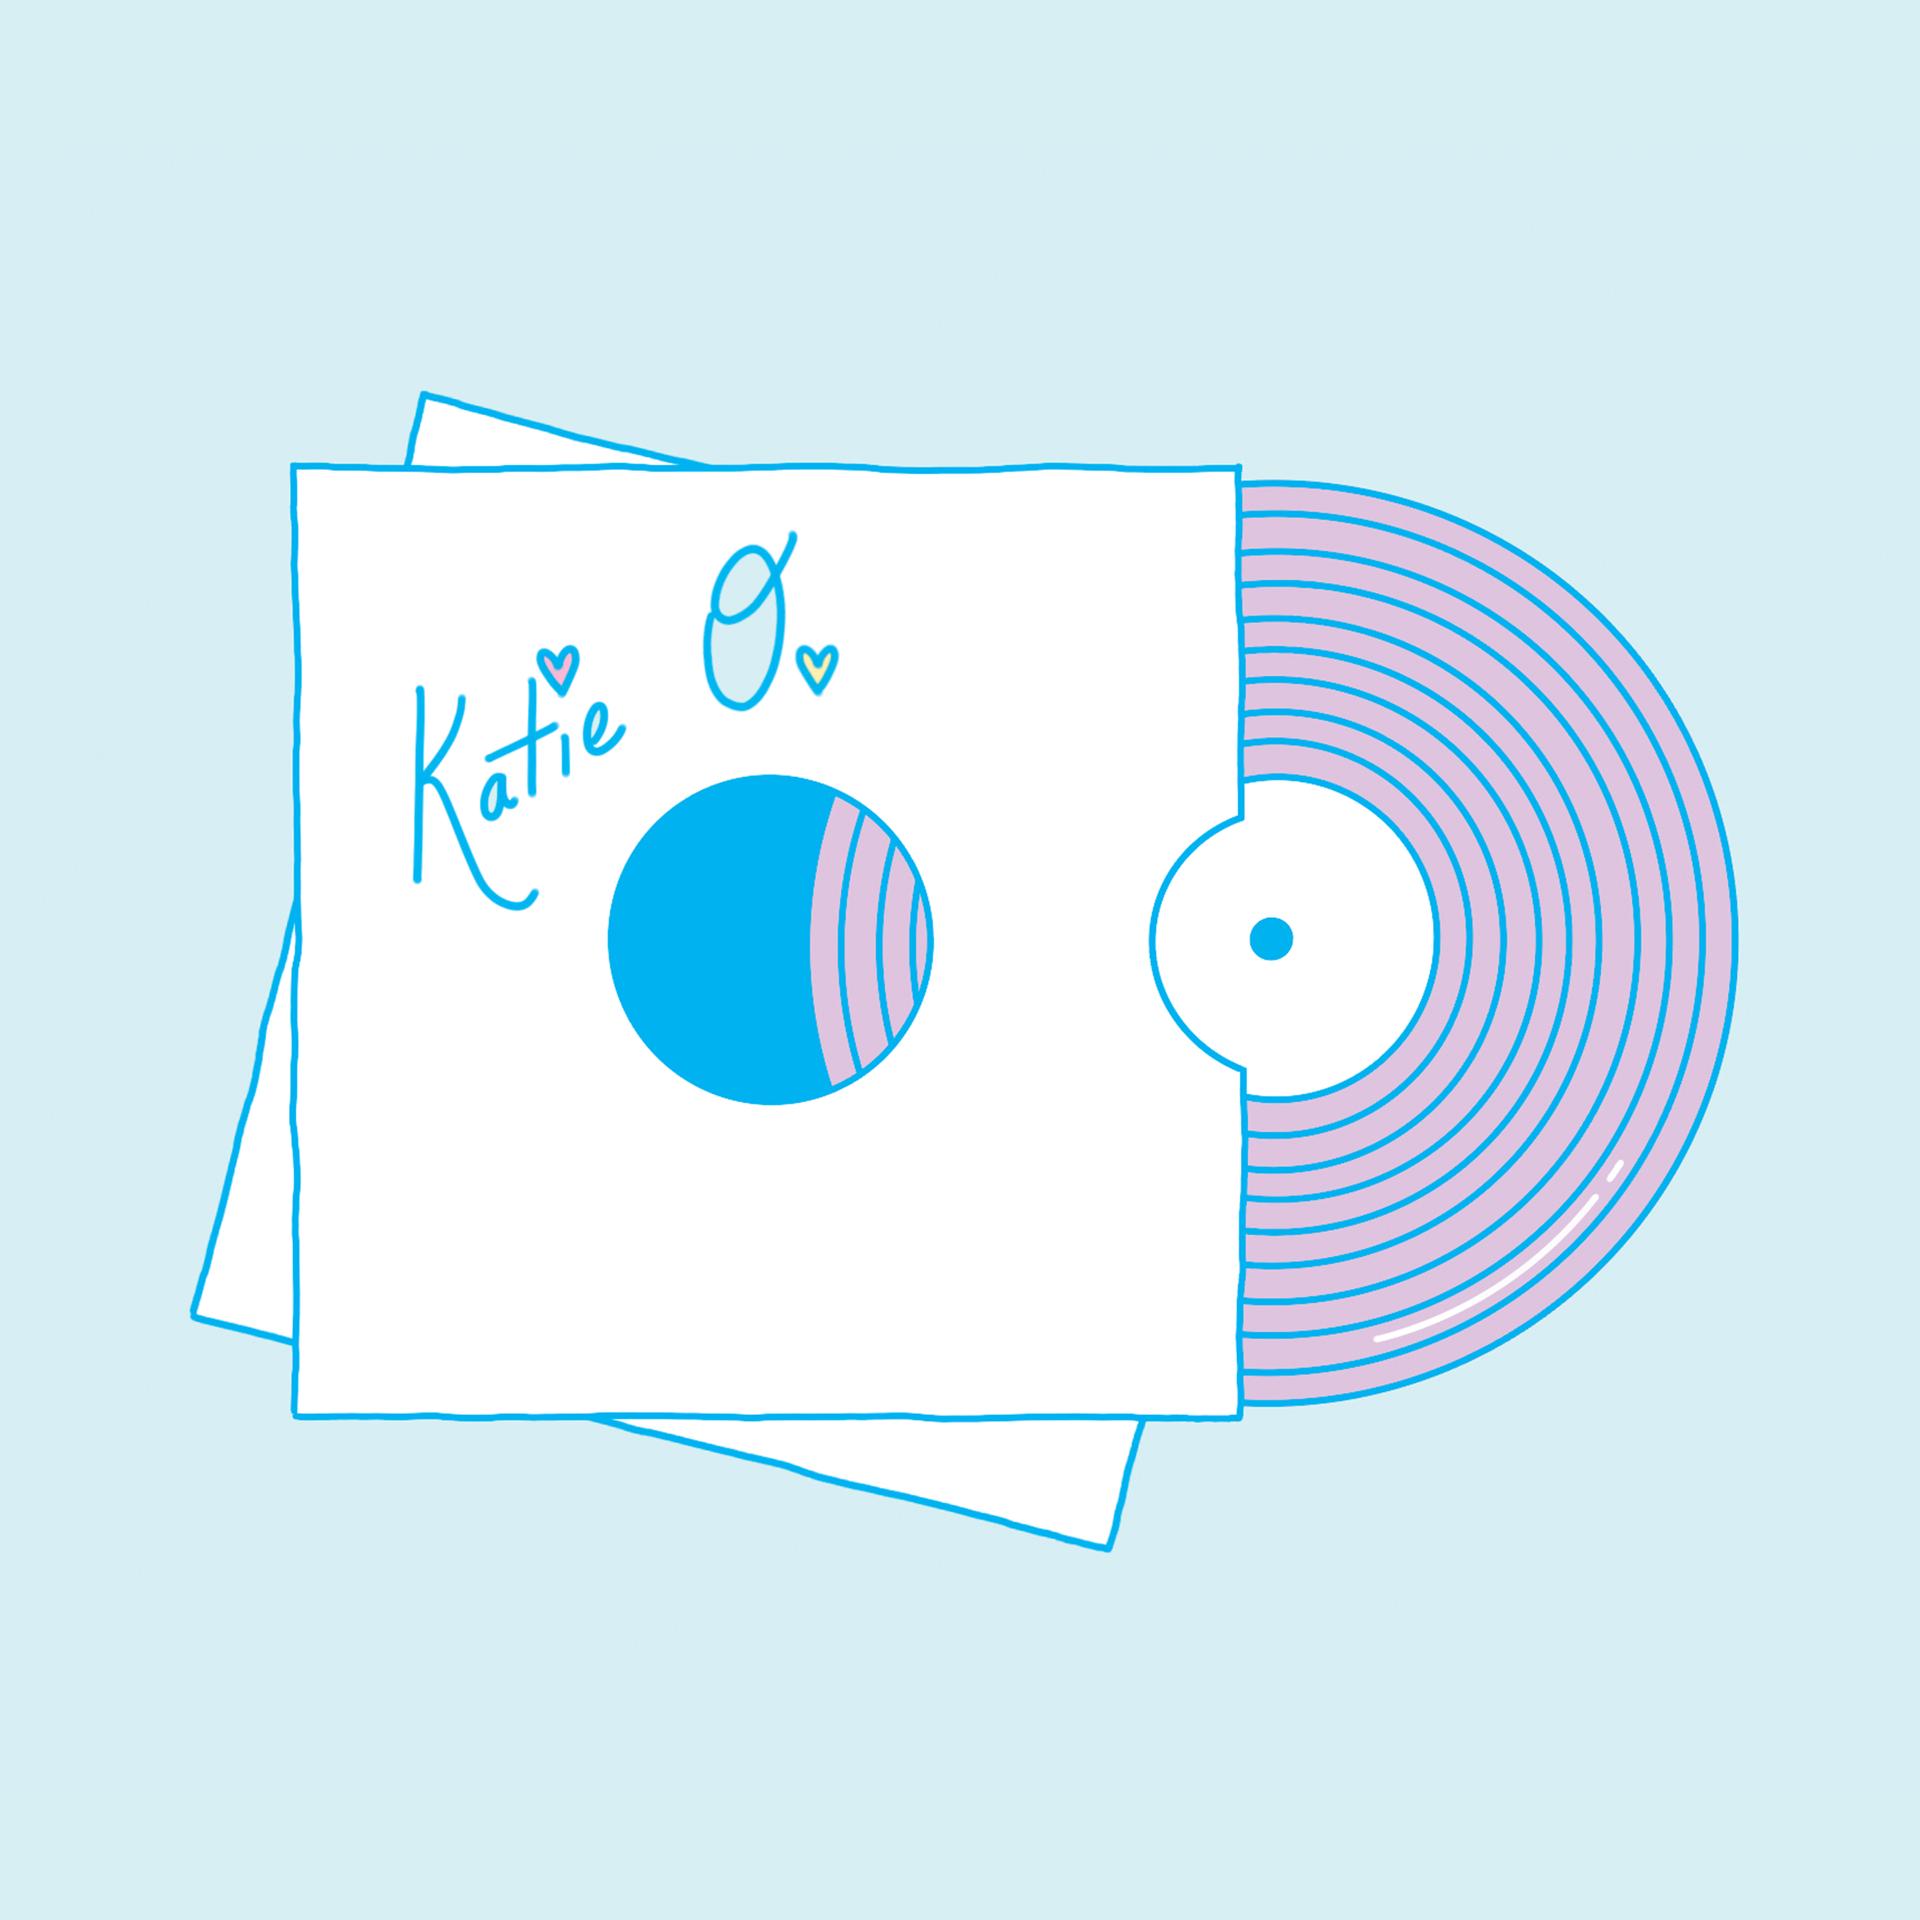 KatieO_vinyl.png